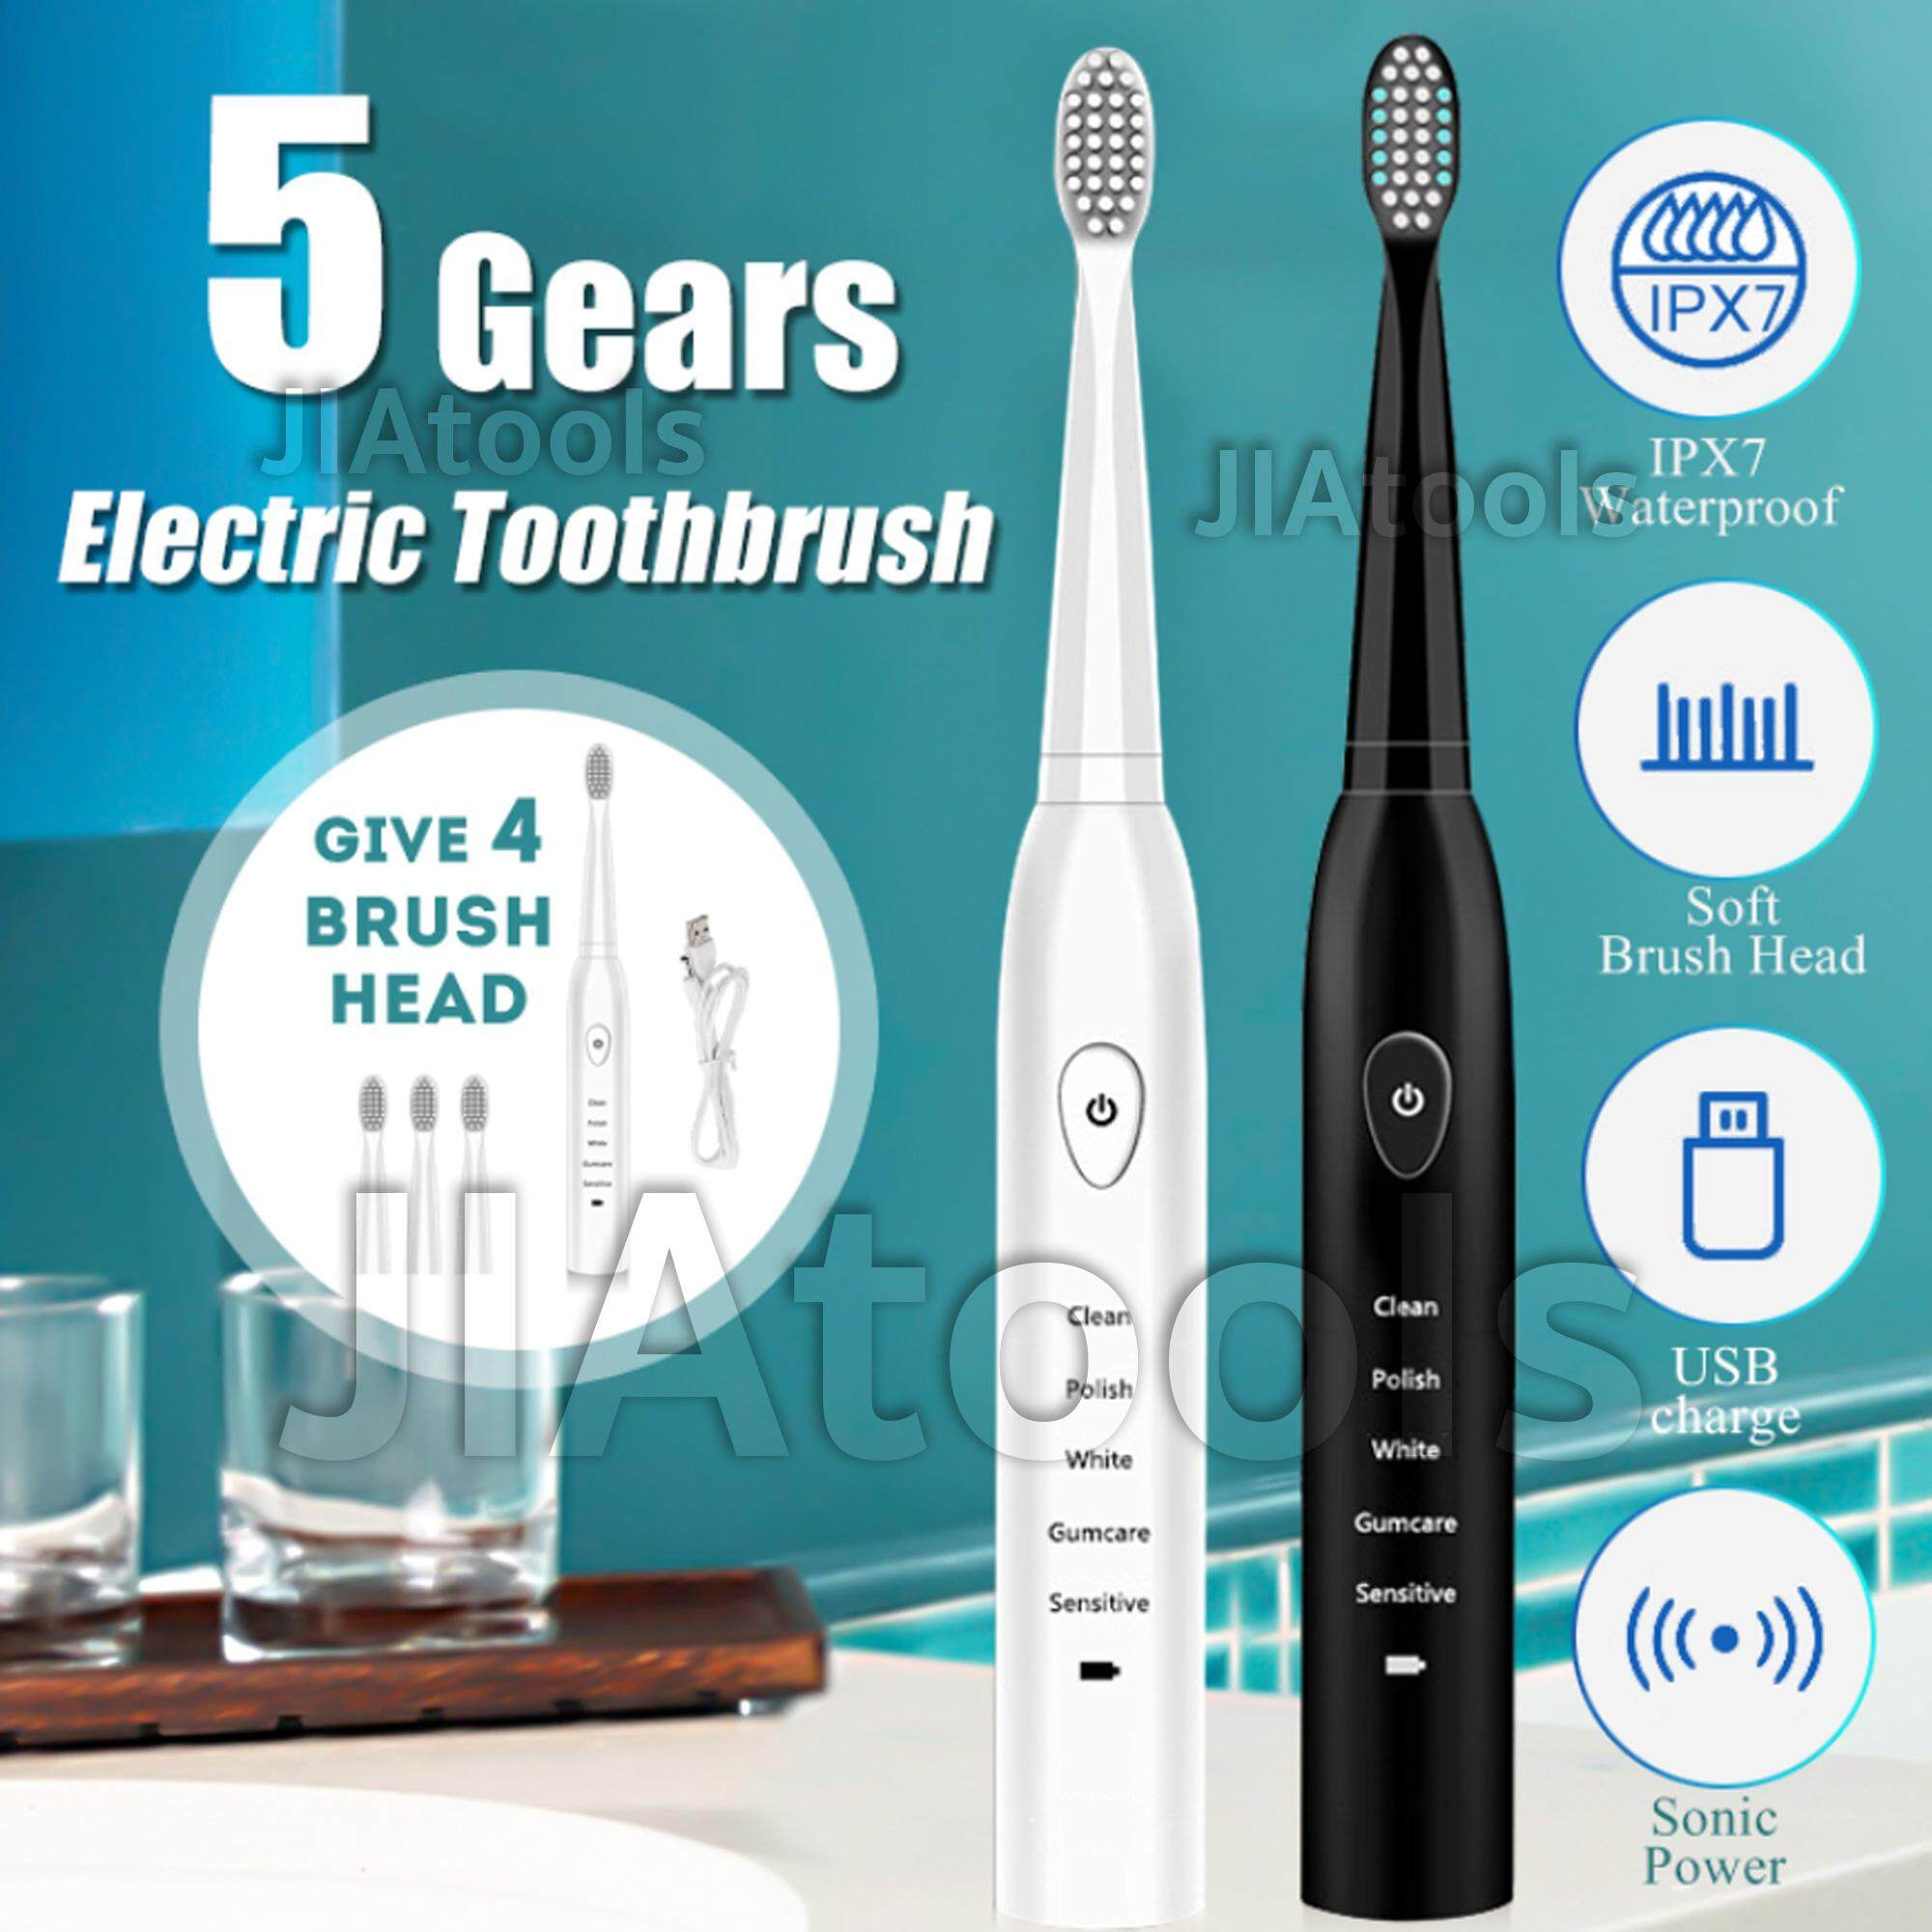 แปรงสีฟันไฟฟ้าเพื่อรอยยิ้มขาวสดใส นราธิวาส ETB5 แปรงสีฟันไฟฟ้า 5 เกียร์ ฟรี 4 หัวแปลง ขนแปรงนุ่ม ยืดหยุ่น กันน้ำได้ 100   พกพาสะดวก วัสดุ ฟู้ดเกรด ปลอดภัย ชาร์จได้ทุกที่มี USB น้ำหนักเบา ดีไซน์ทันสมัย เสียงเงียบ 5 Gears Electric Toothbrush Food Grade แปรง รอยลึก ทำความสะอาดคราบฟัน ครบ